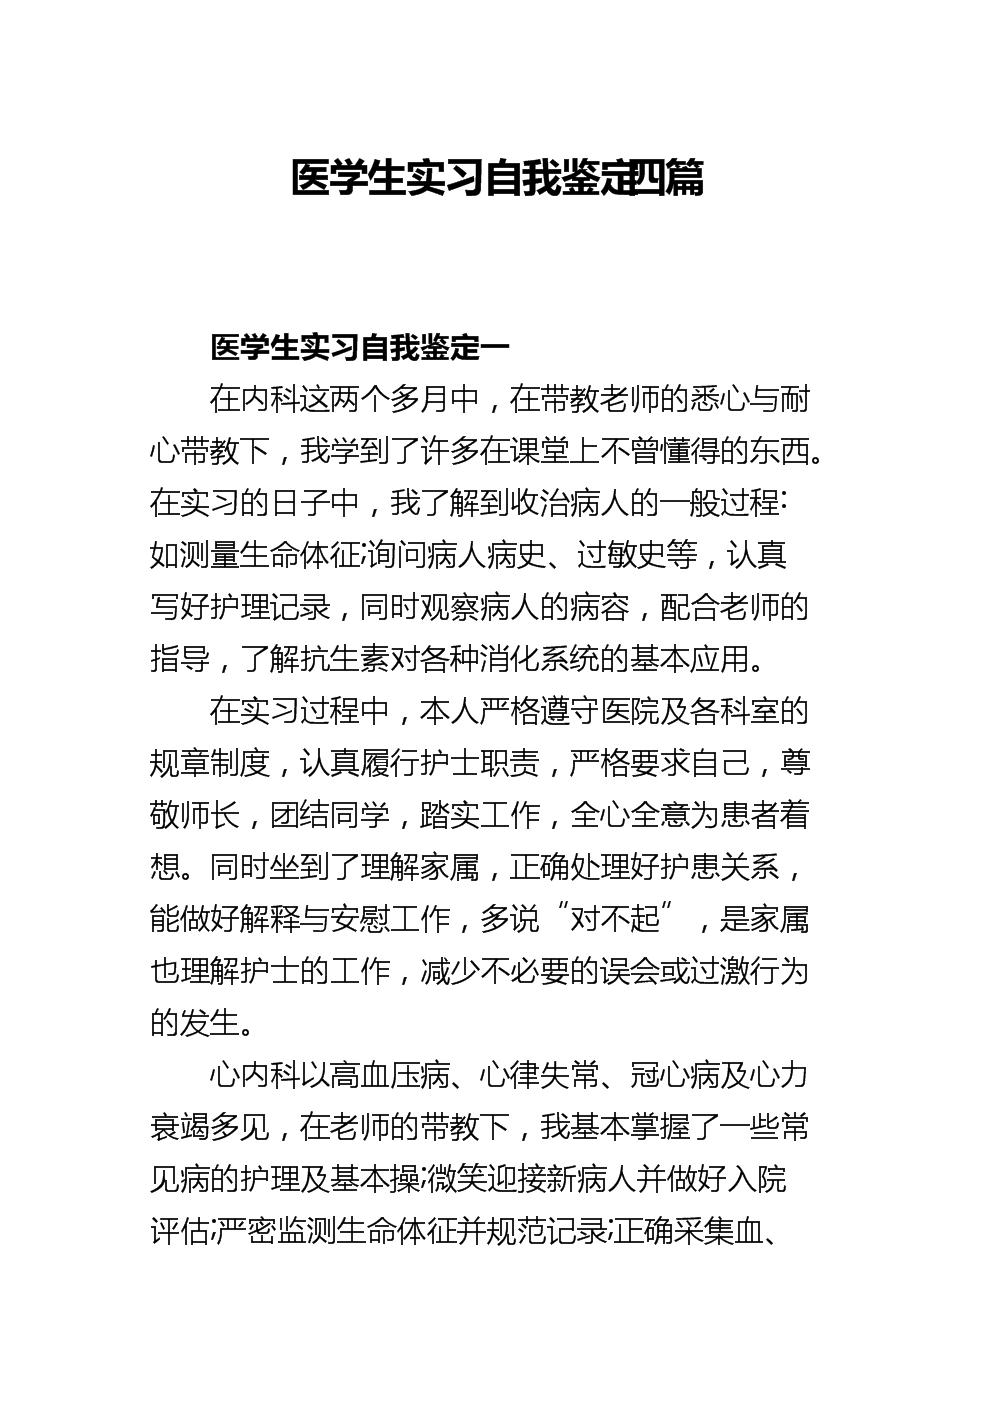 医学生实习自我鉴定四篇.docx